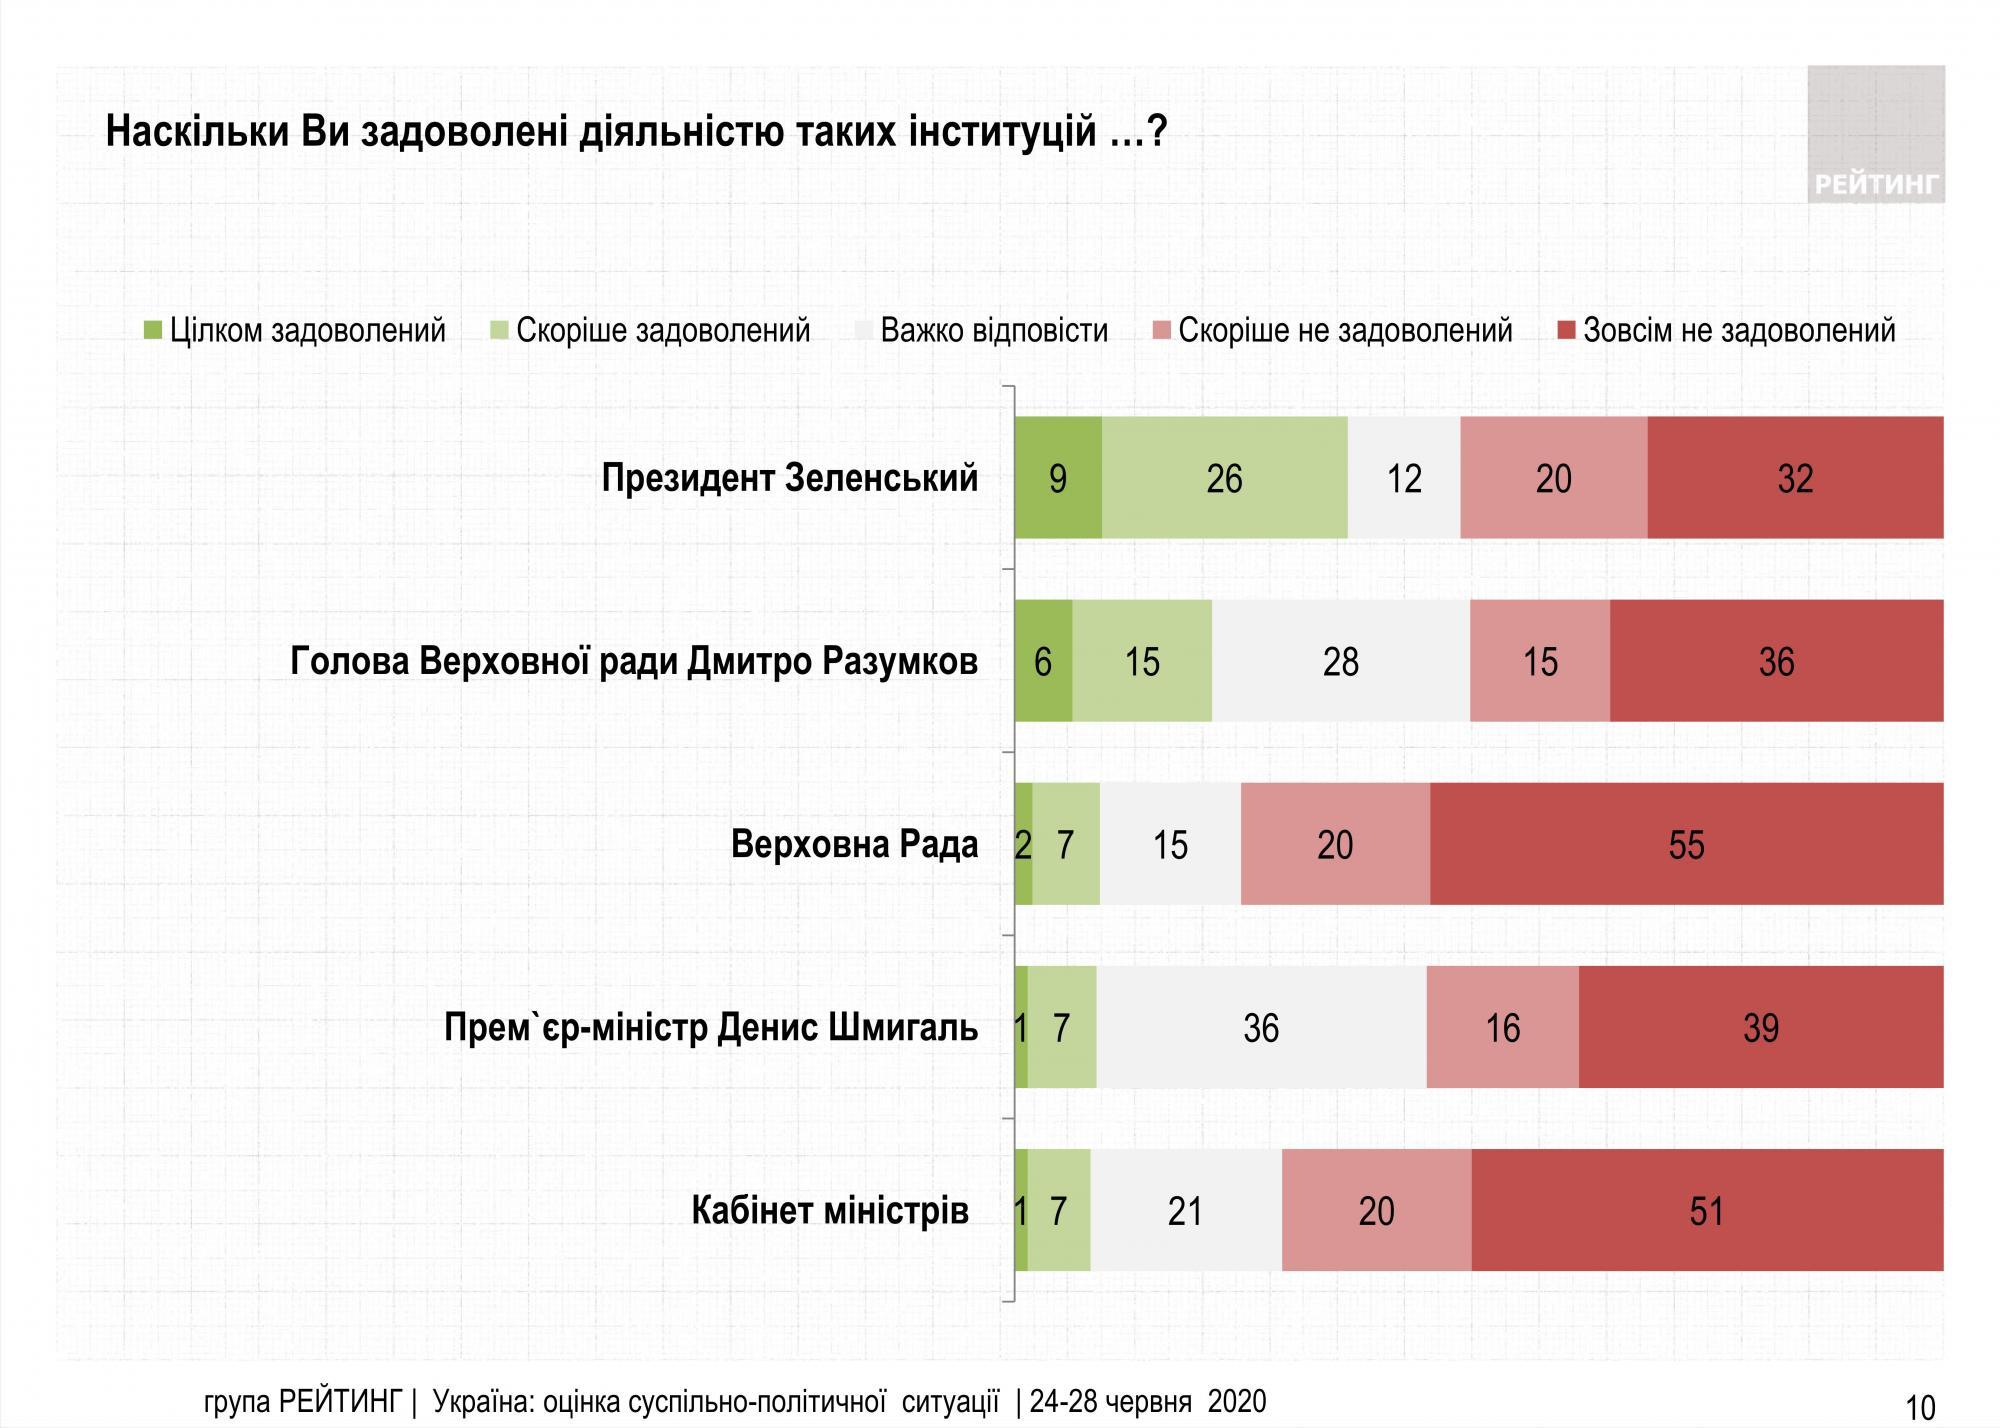 Работой Зеленского на посту президента недовольны более 50% украинцев